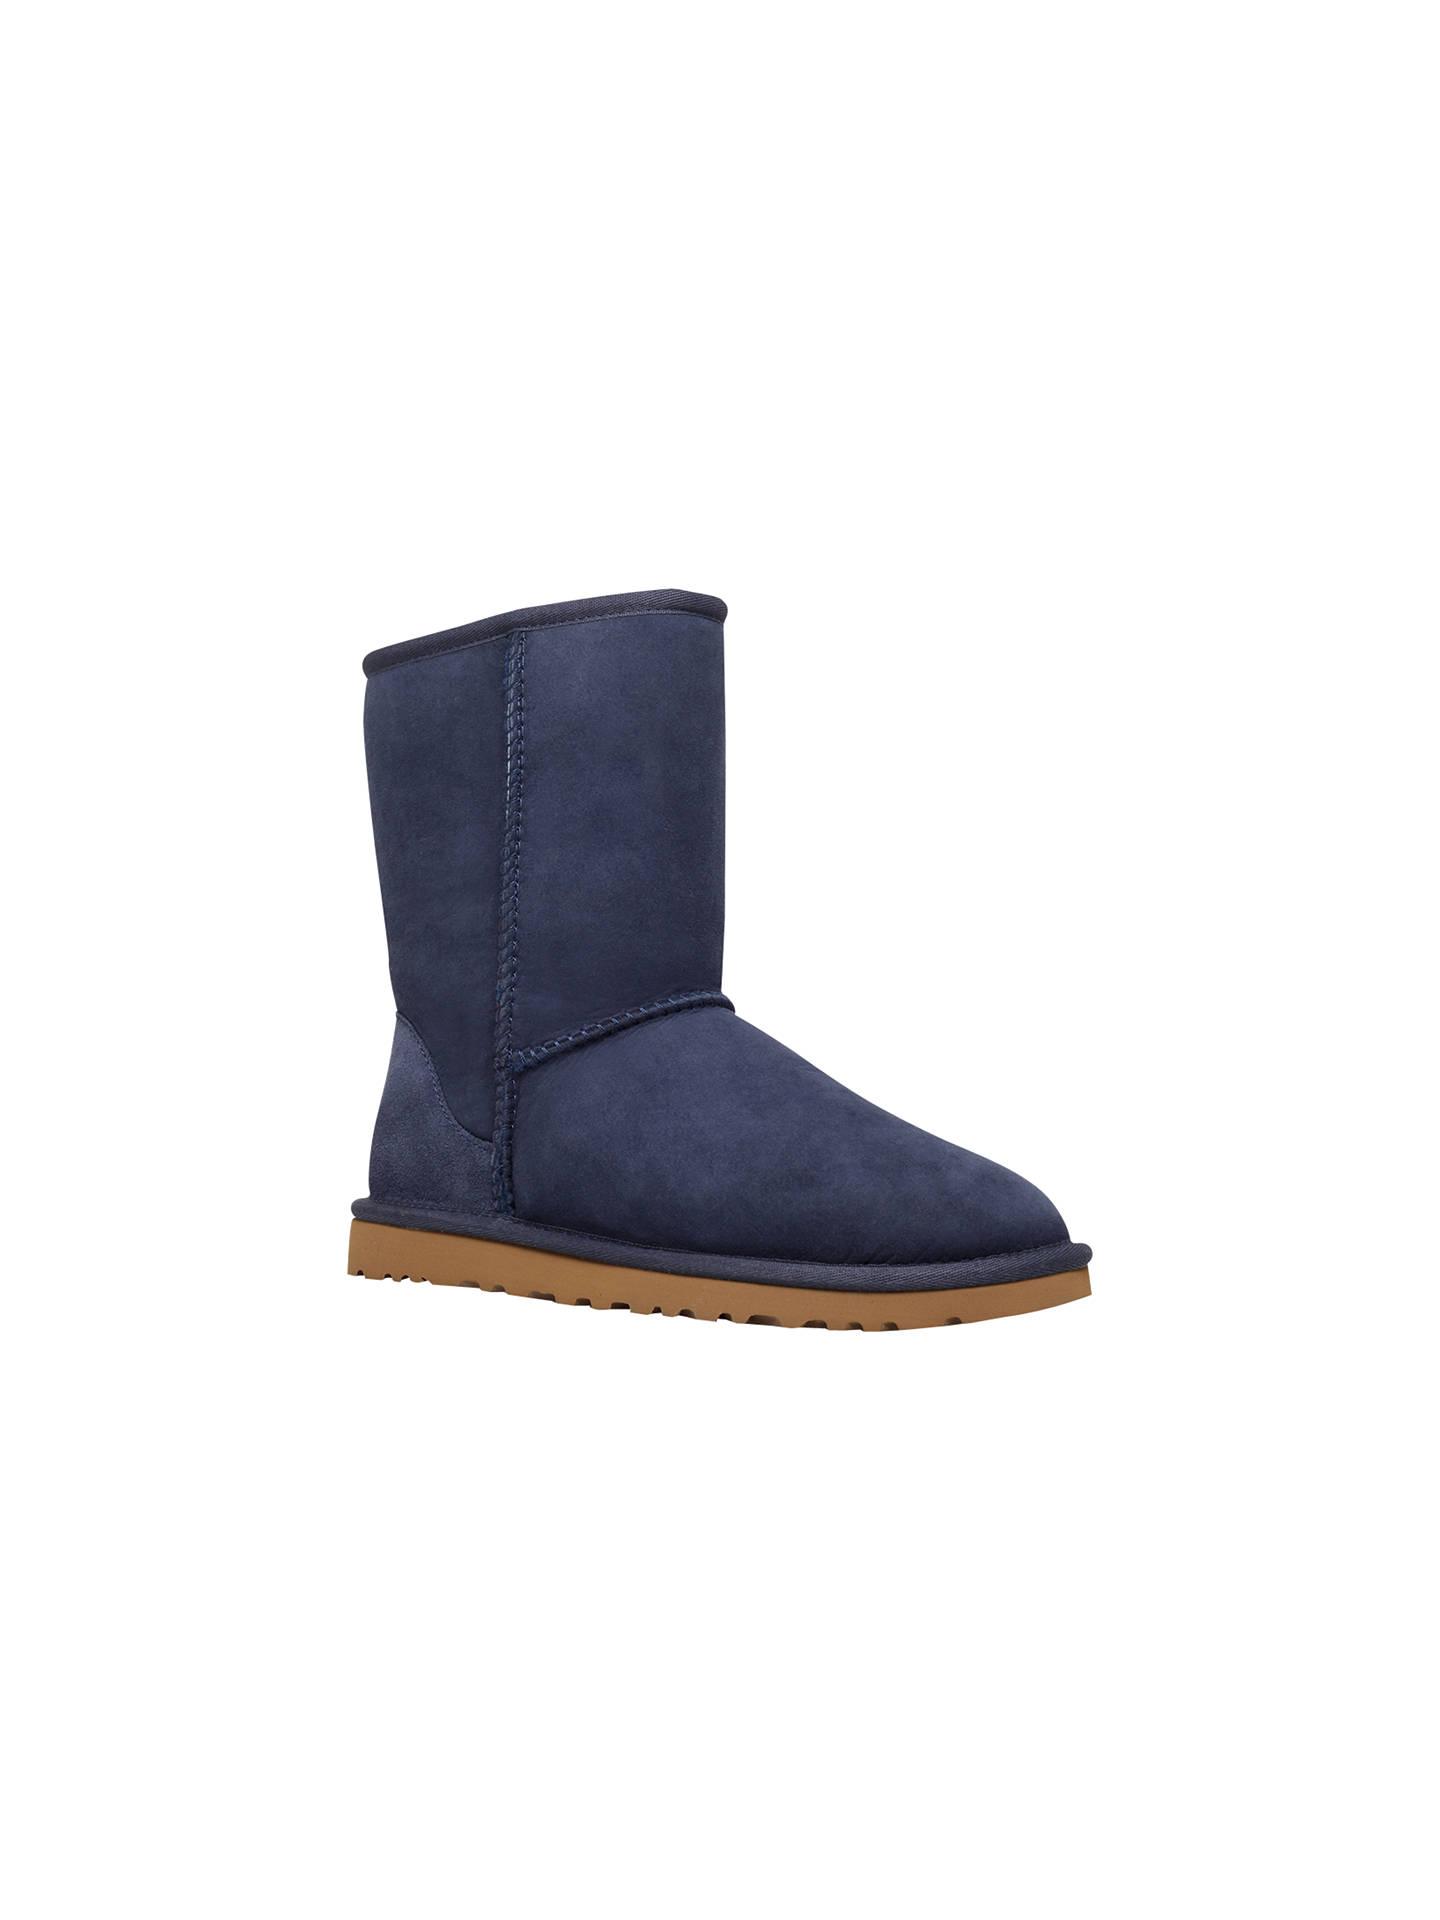 4e9f94c4585 Ugg Boots | Ugg Classic Short Boots | John Lewis